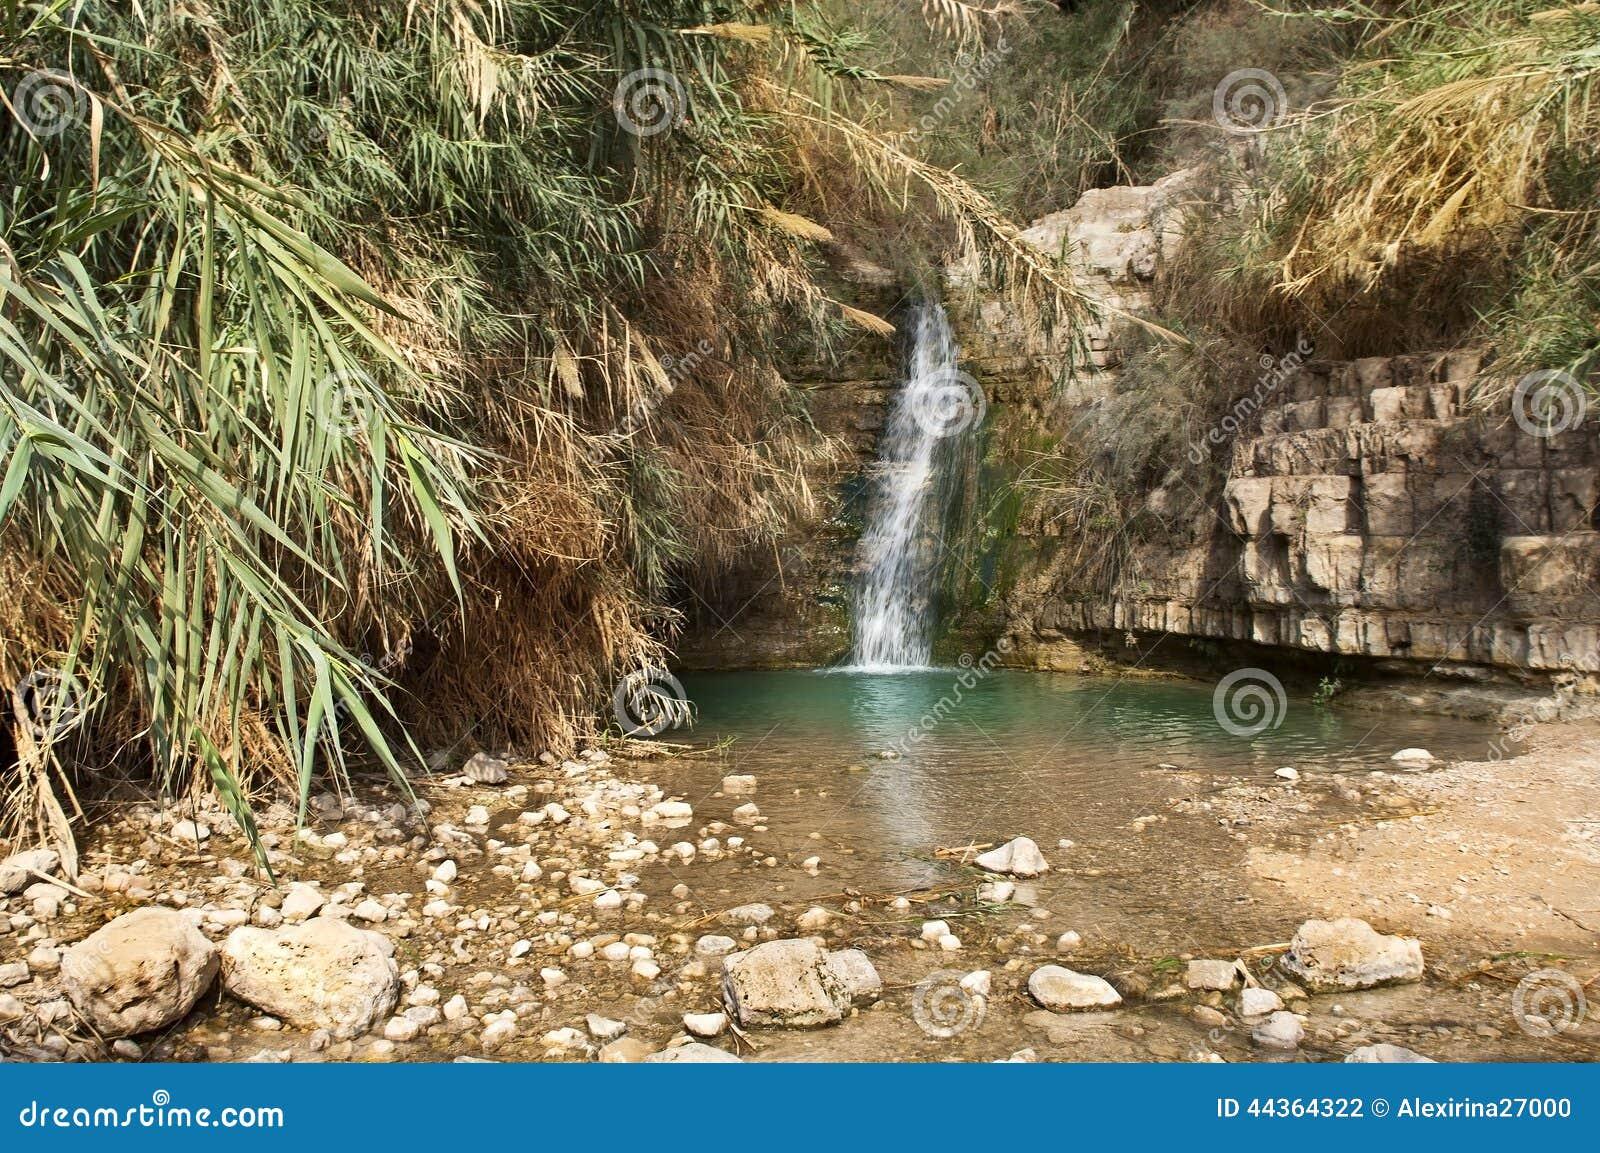 Insenatura di Ein Gedi, mar Morto, Israele